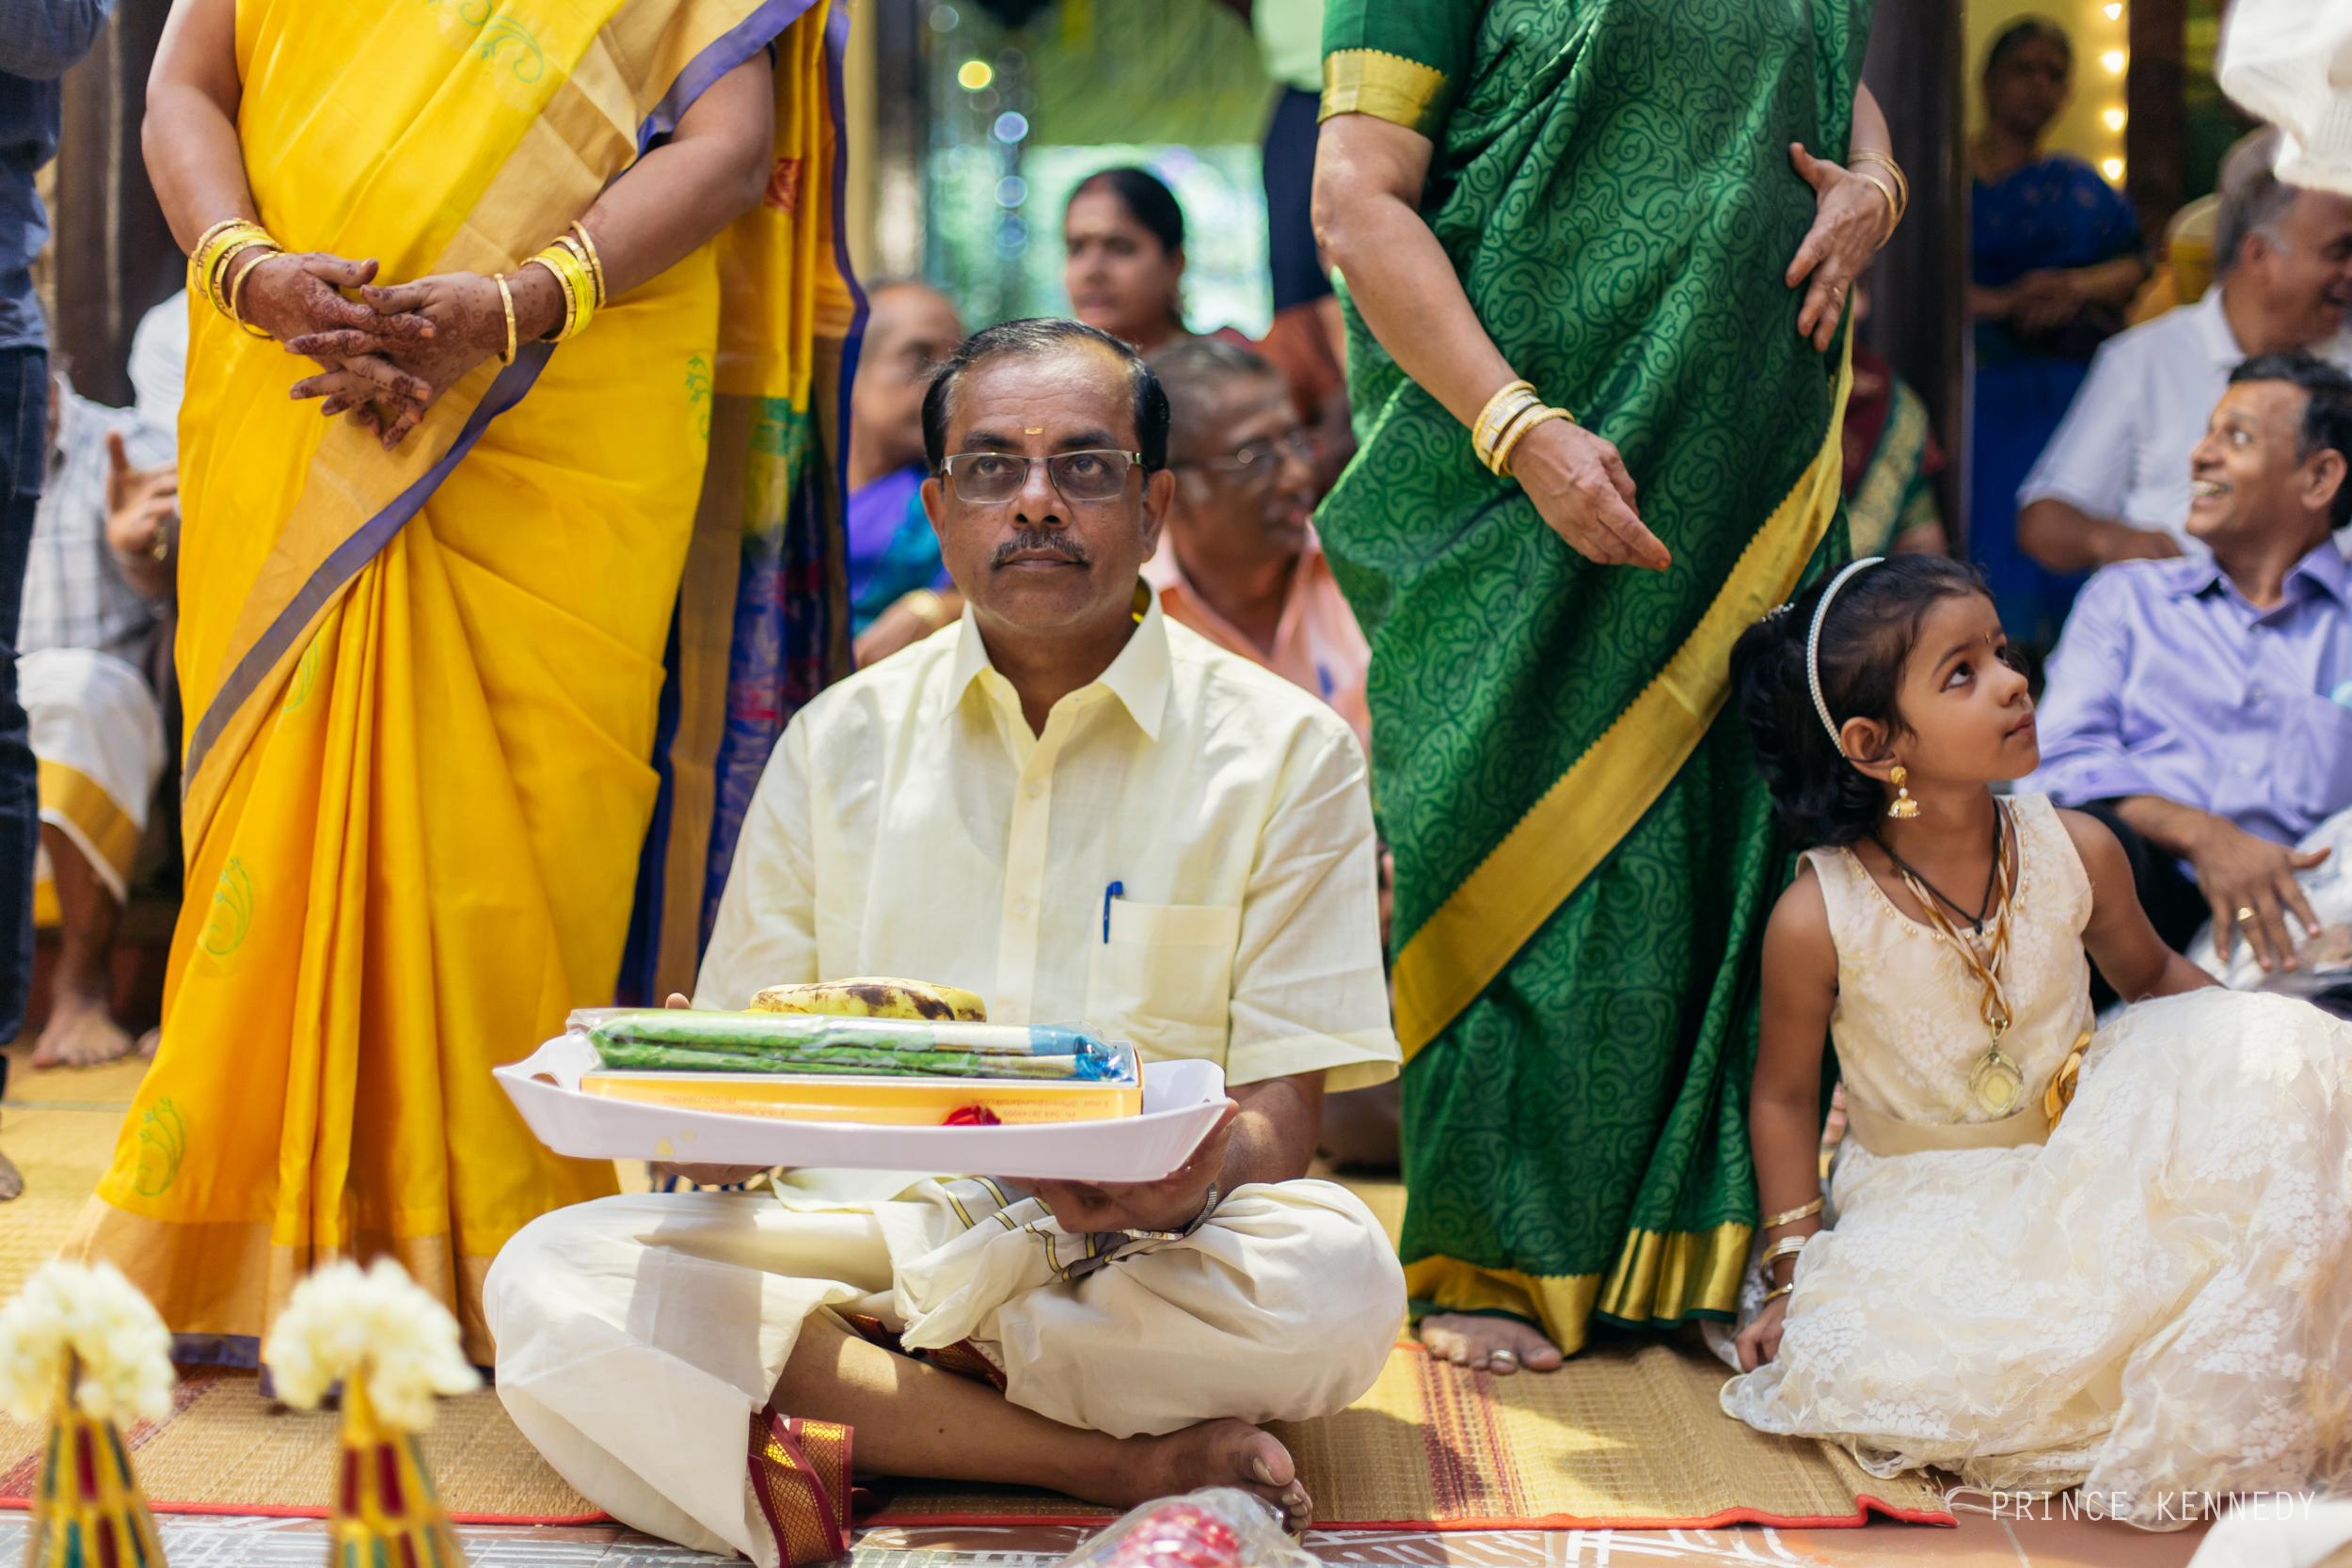 Engagement-Couple-Portrait-Portraiture-Wedding-Couple-Portrait-Chennai-Photographer-Candid-Photography-Destination-Best-Prince-Kennedy-Photography-133.jpg